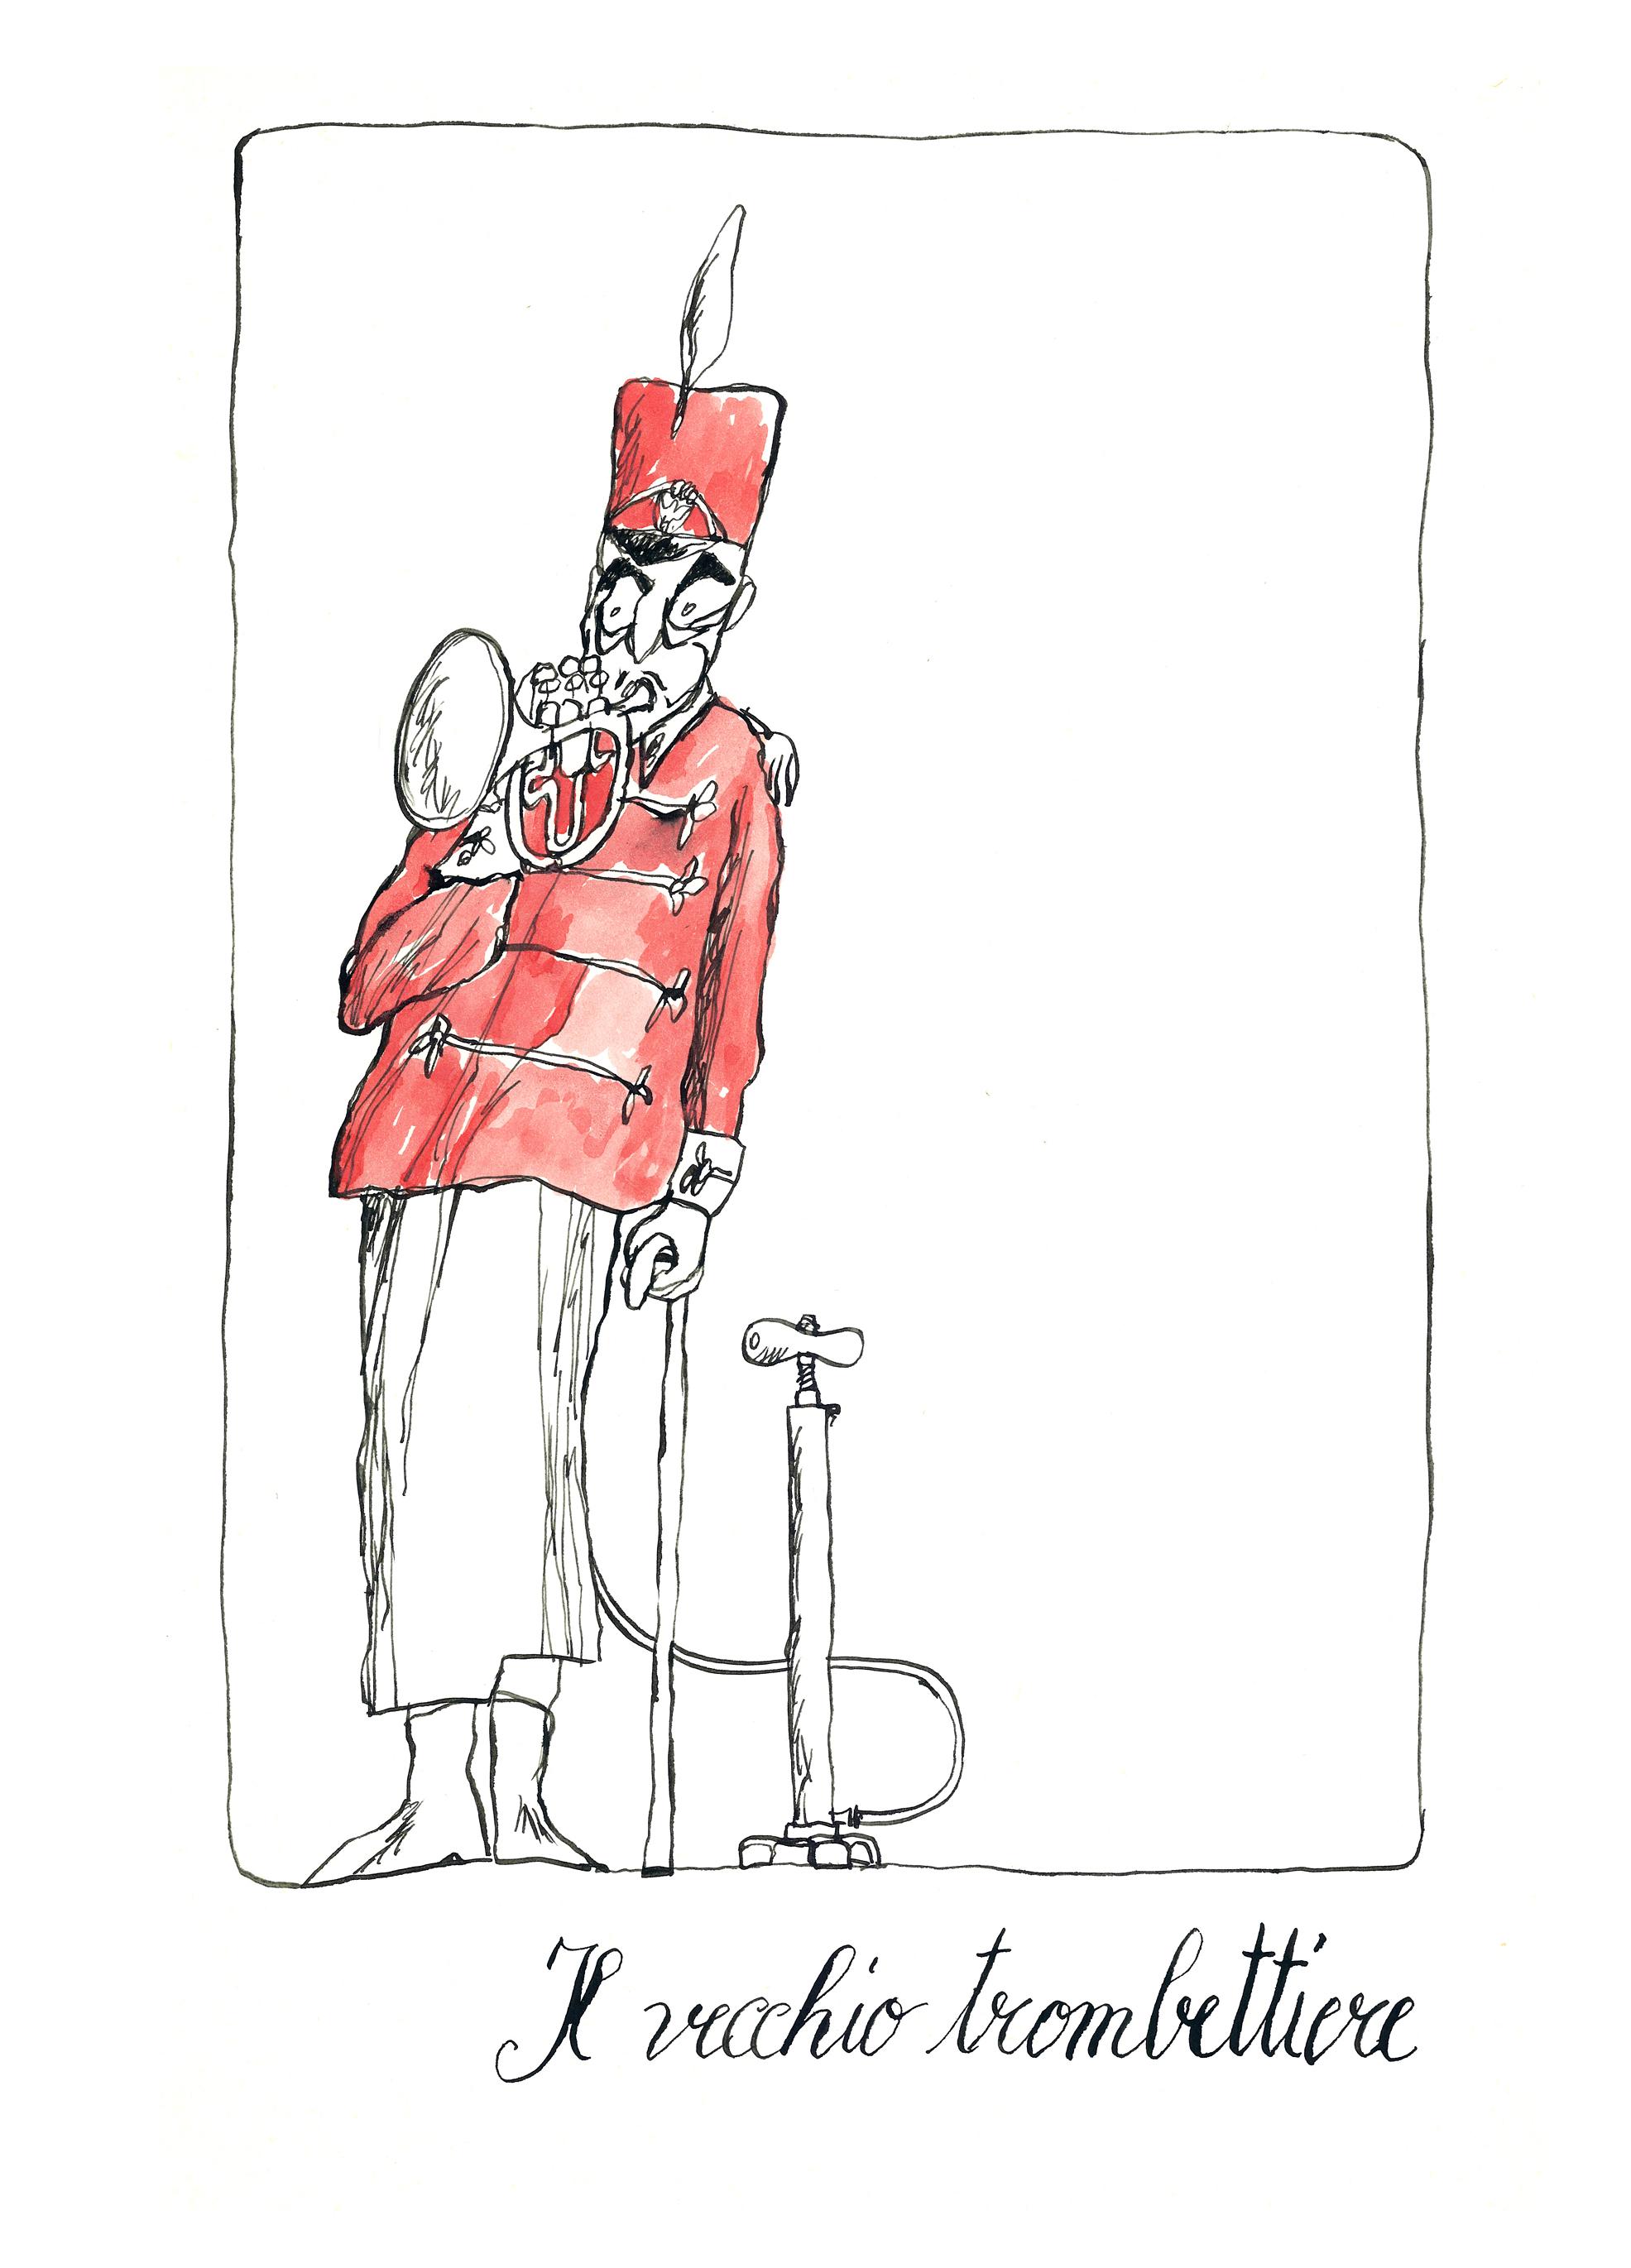 il vecchio trombettiere